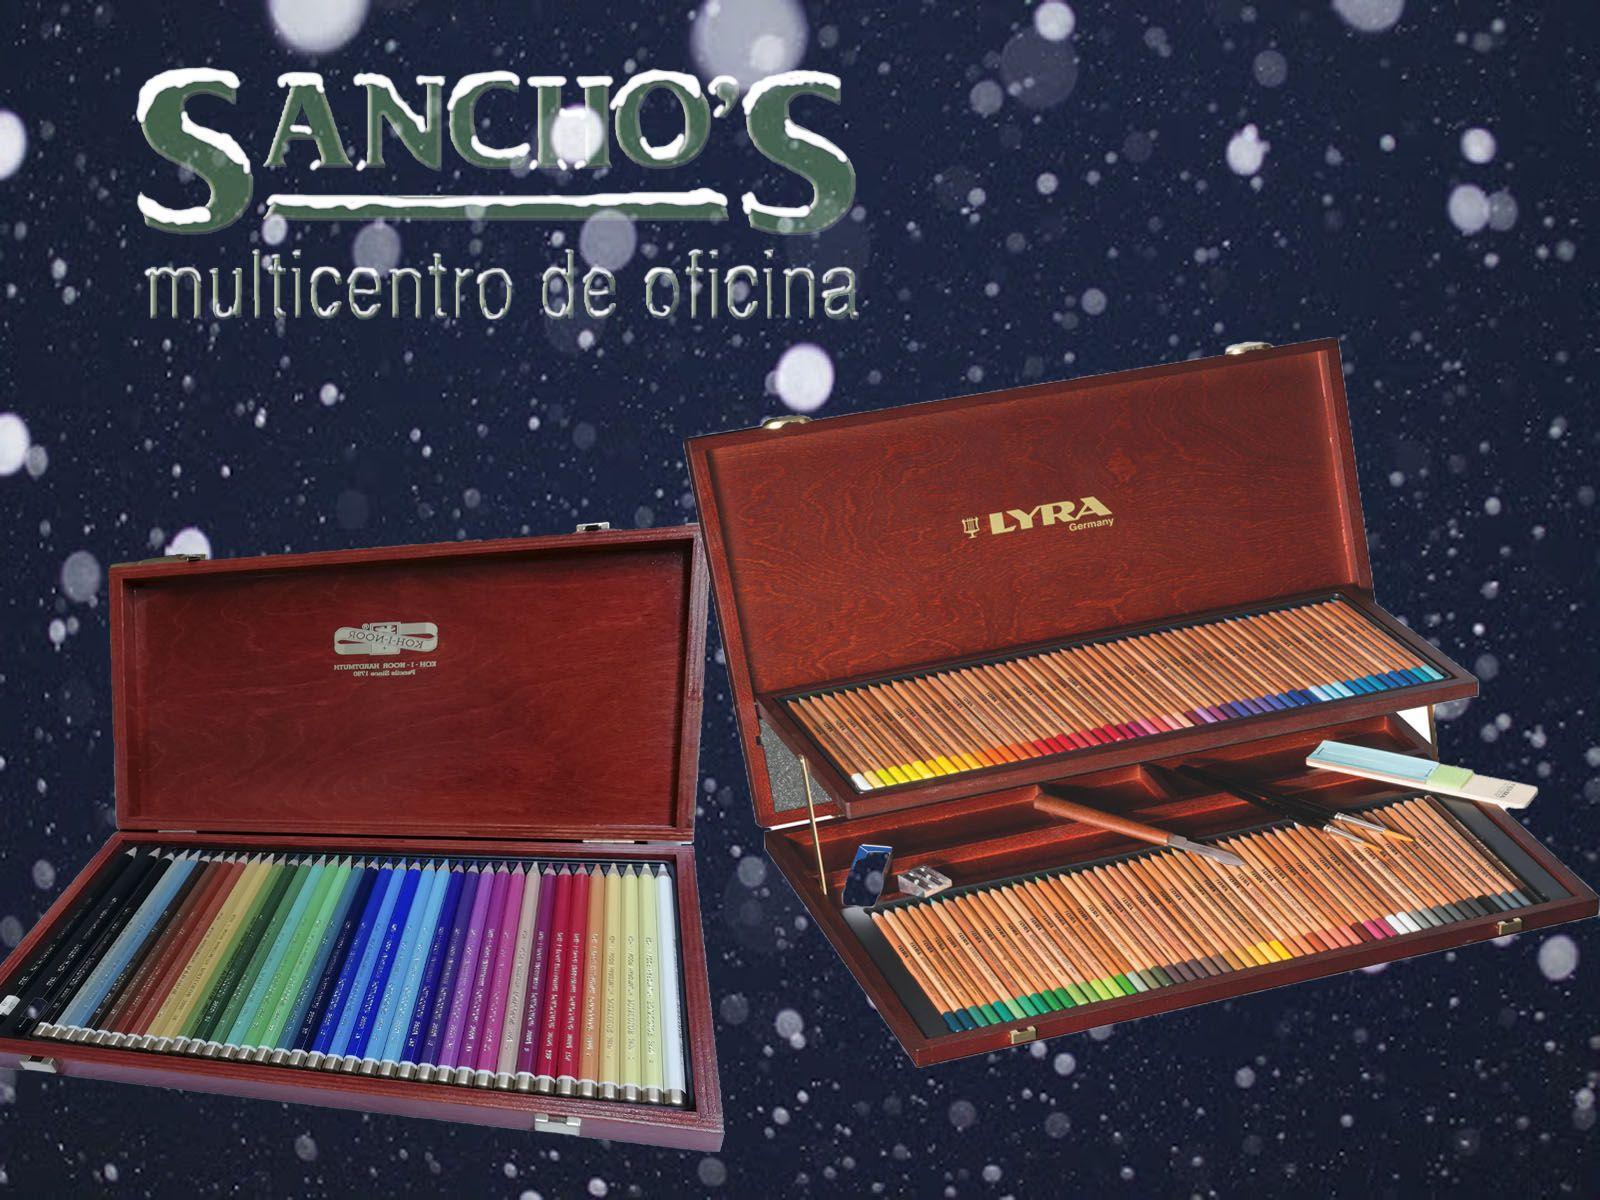 Estuches de rotuladores y lápices. hacemos del mundo color. Precios especiales para estas Navidades en Papelería Sancho's